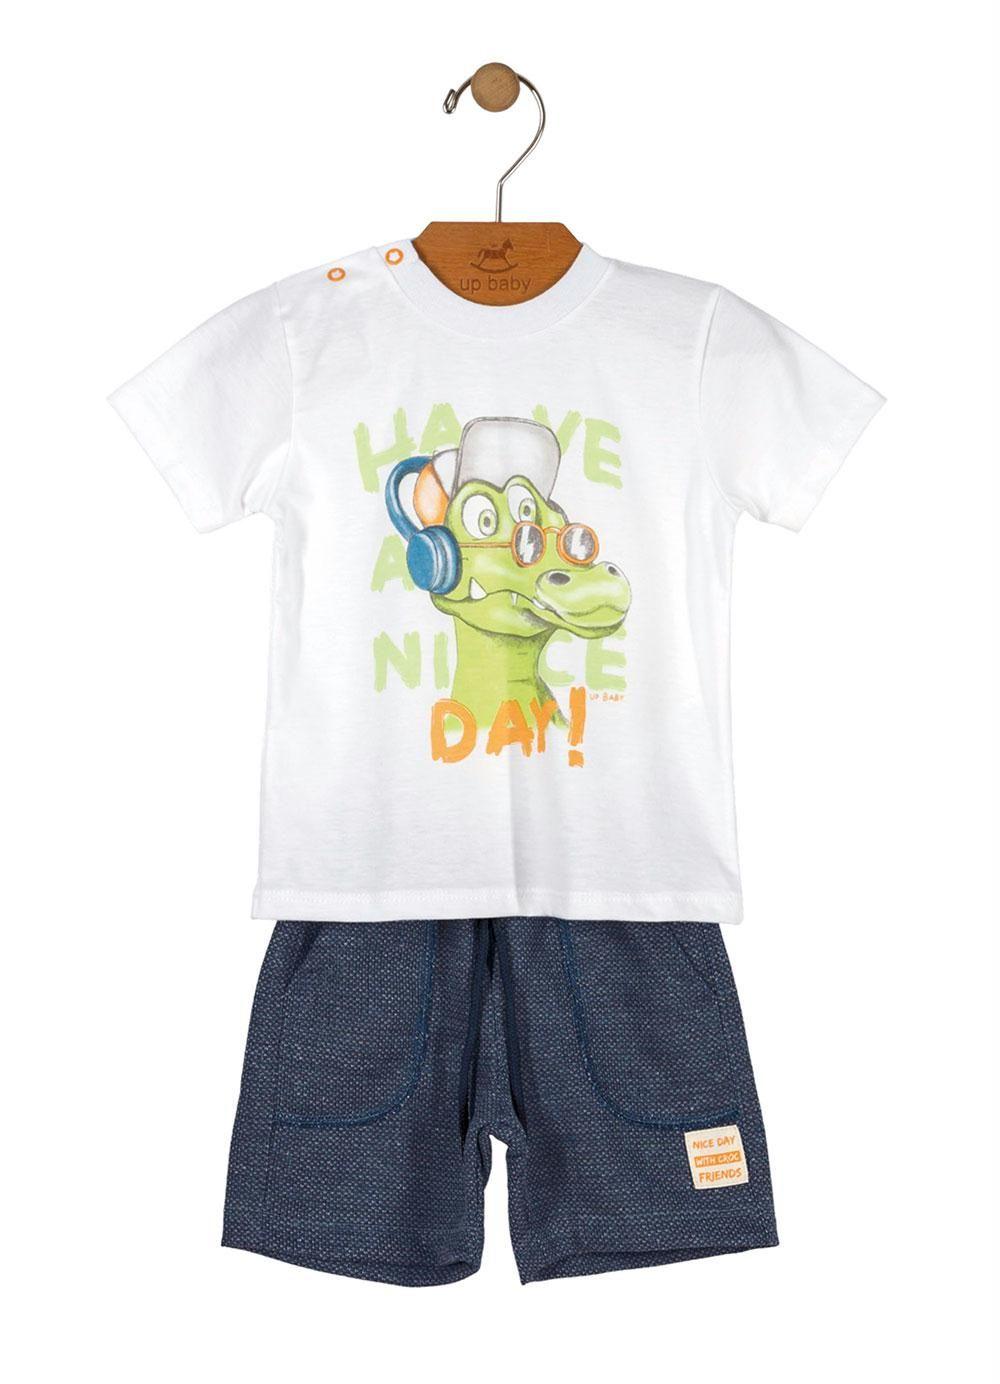 Conjunto 2 Peças De Algodão Dinossauro De Fone Have A Nice Day Camiseta E Bermuda Up Baby